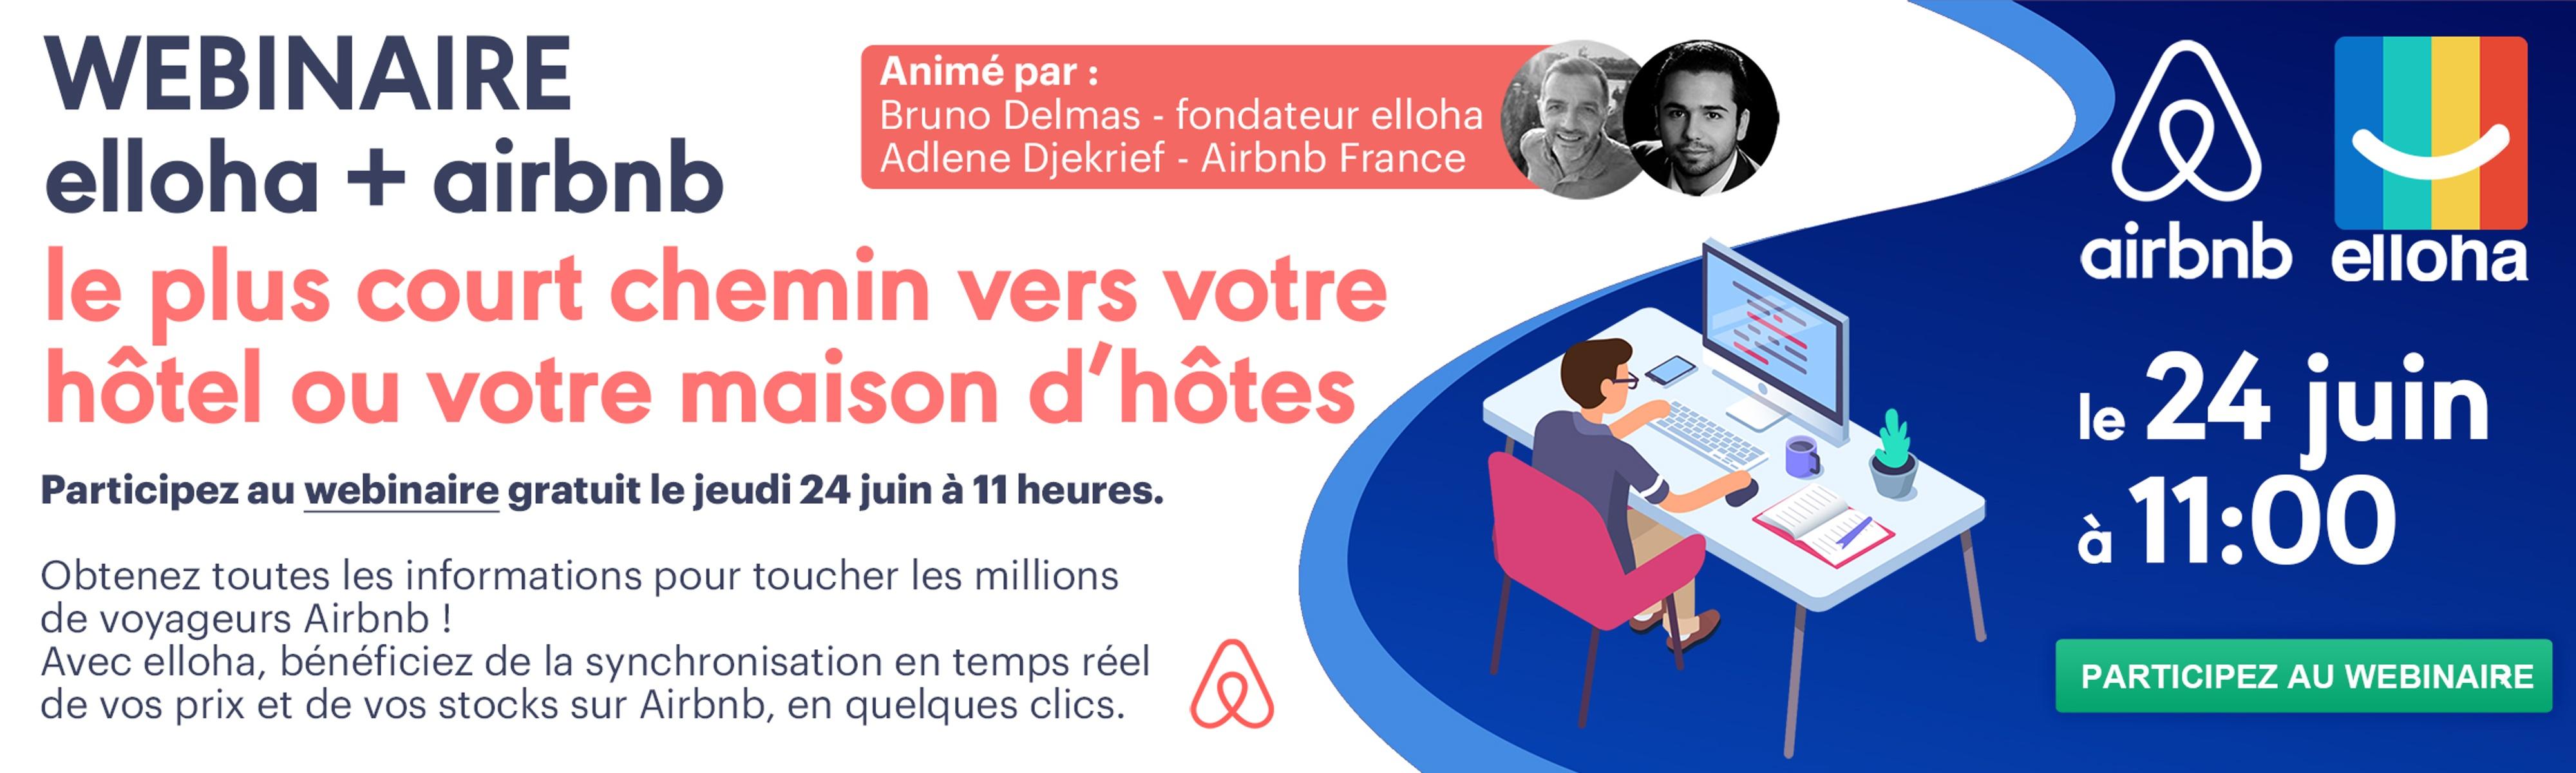 Participez au webinaire elloha + Airbnb le 24 juin à 11h